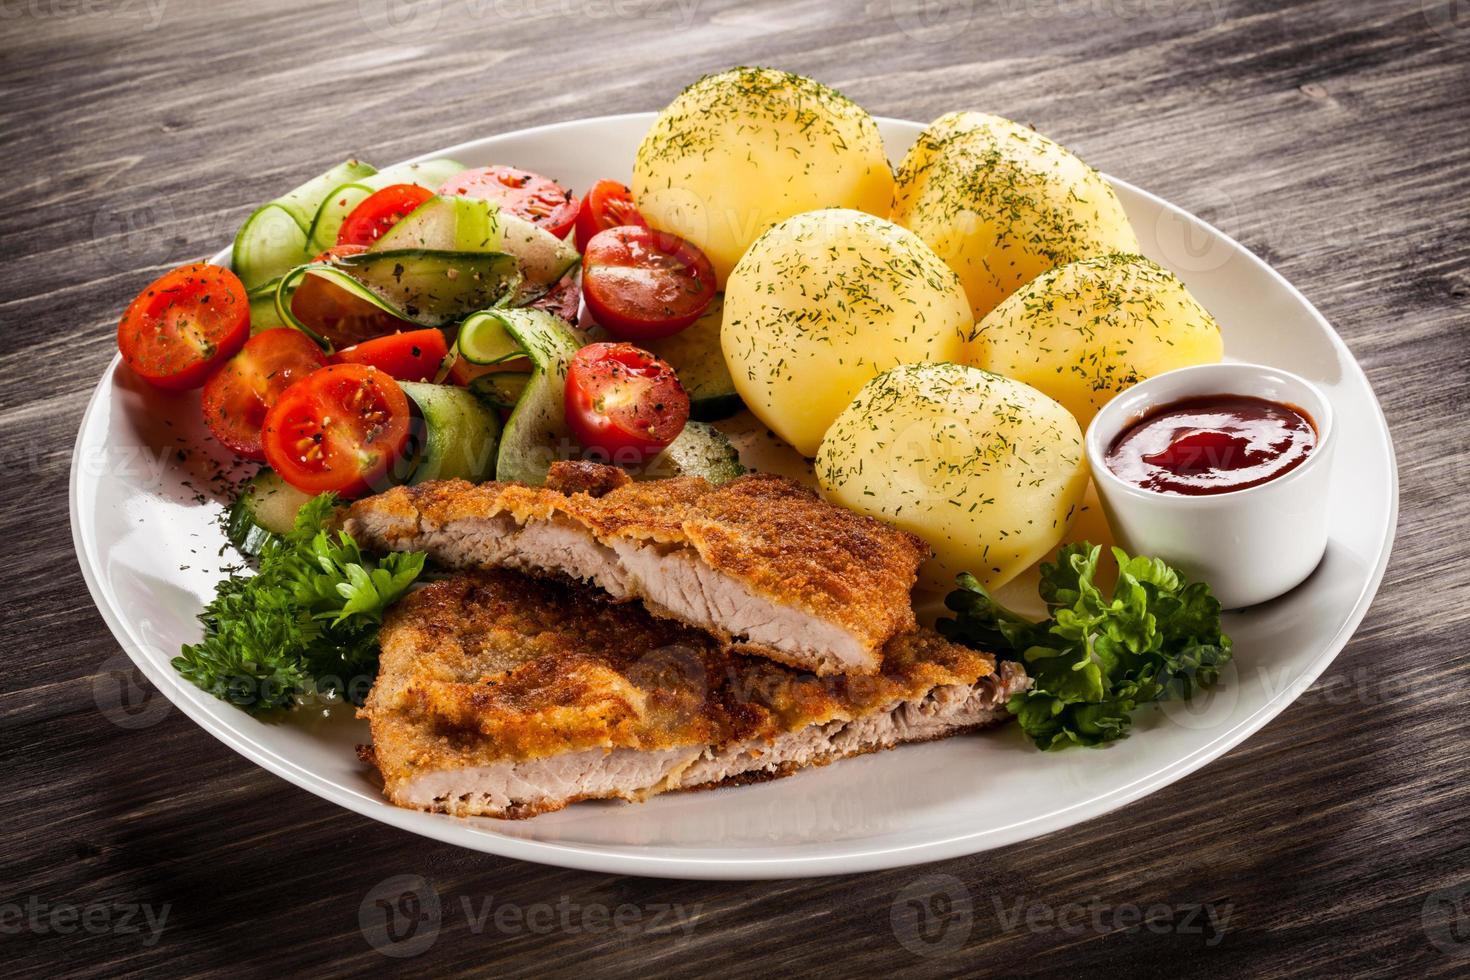 gebratene Schweinekoteletts, gekochte Kartoffeln und Gemüse auf hölzernem Hintergrund foto